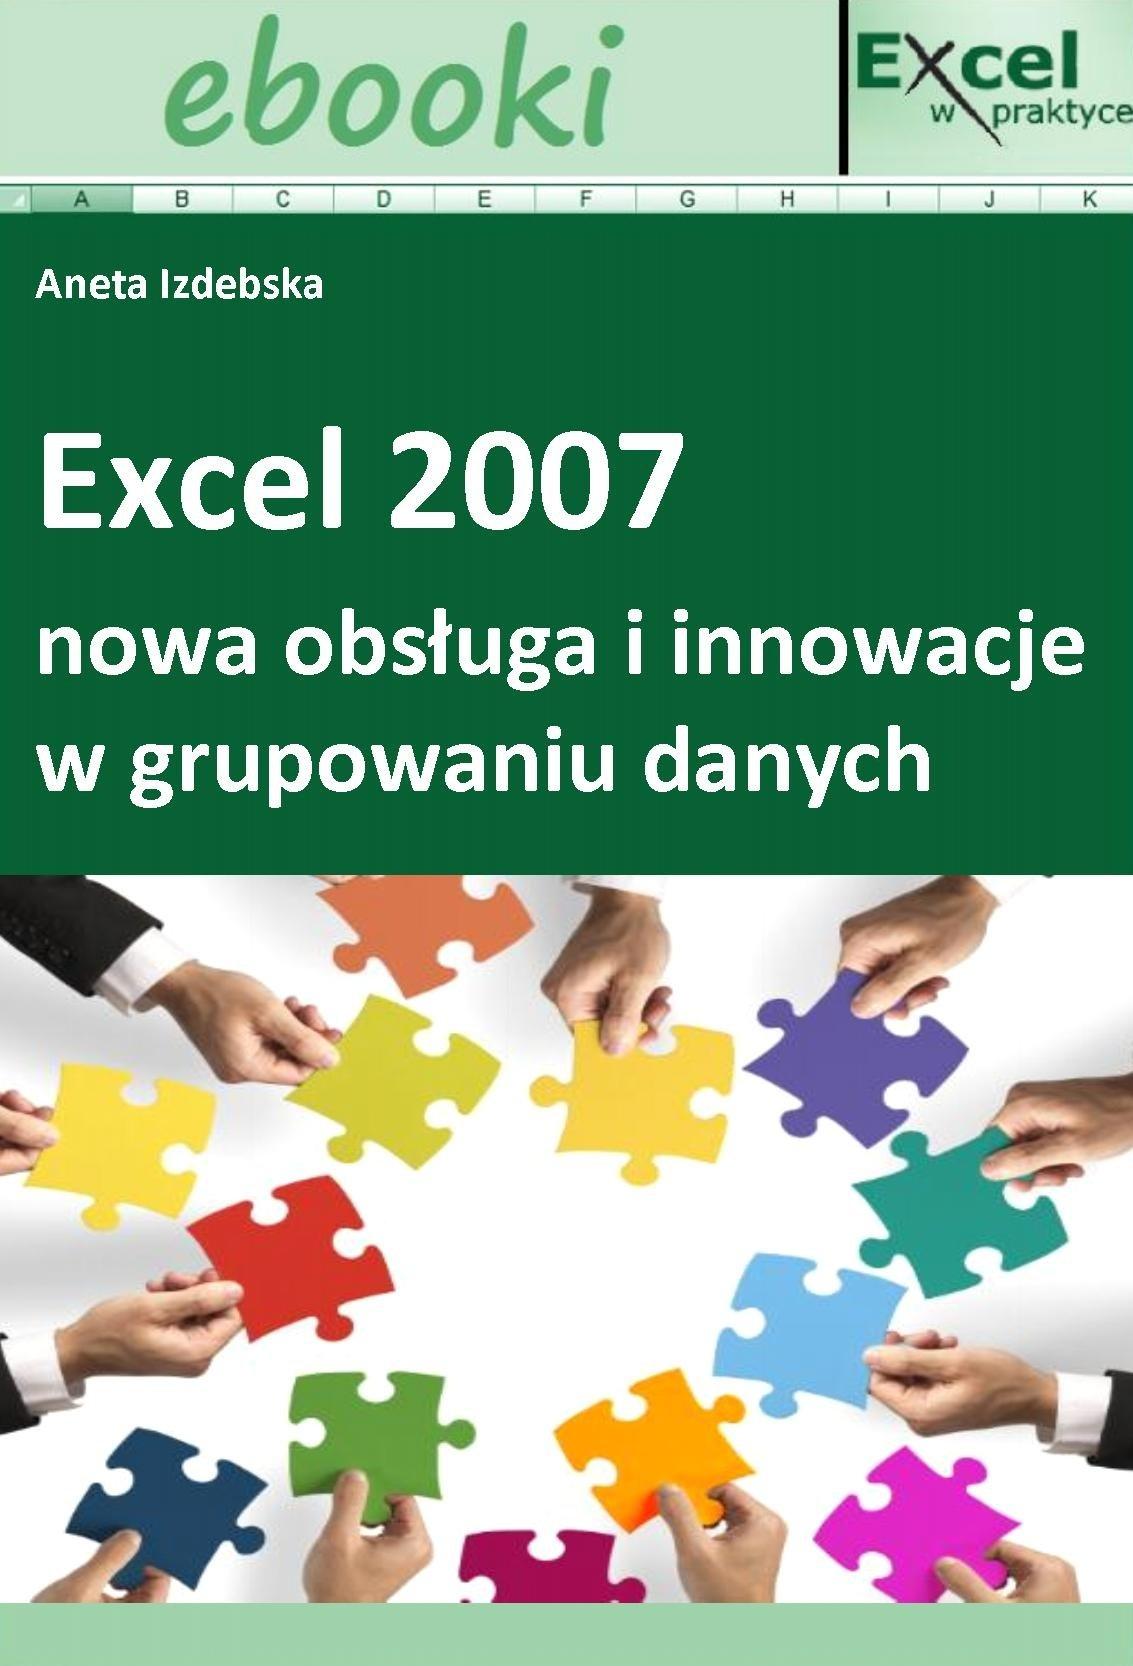 Excel 2007 - nowa obsługa i innowacje w grupowaniu danych - Ebook (Książka PDF) do pobrania w formacie PDF